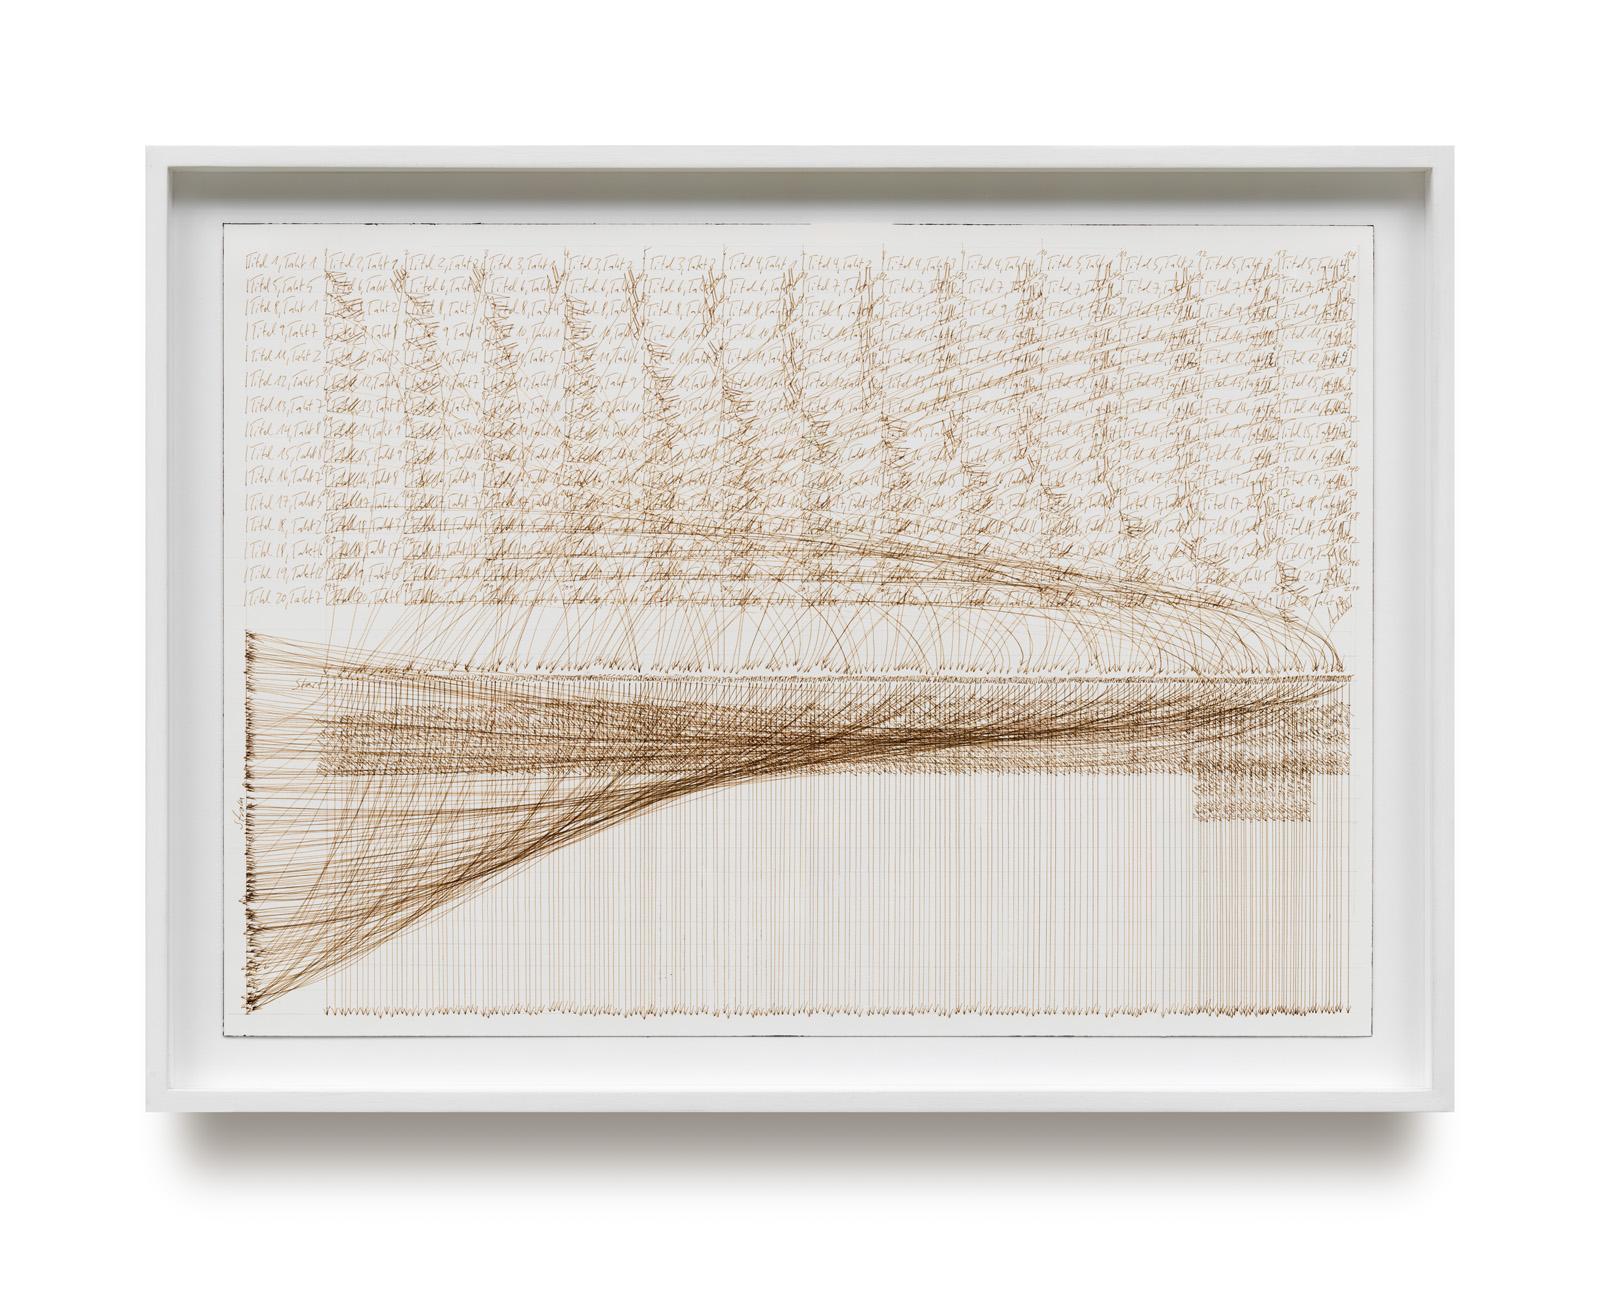 Jorinde Voigt, top 20 Popsongs, 210 Adler, 210 BMWs, Strom, 2006, Tinte auf Papier, 36 x 51 cm, gerahmt 02.04.20_1882